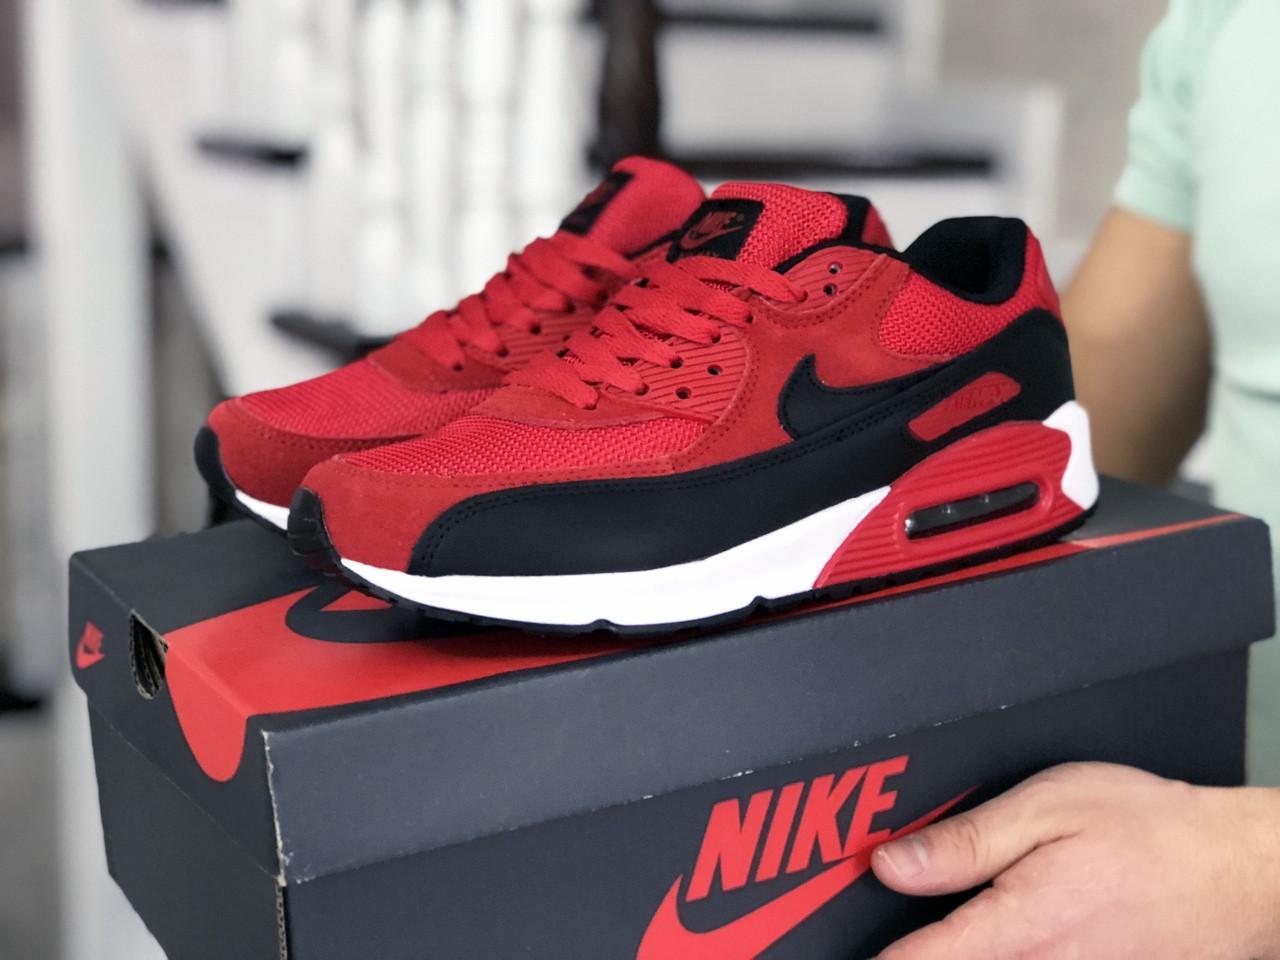 Чоловічі кросівки Nike Air Max 90 (червоно-чорні) 9056